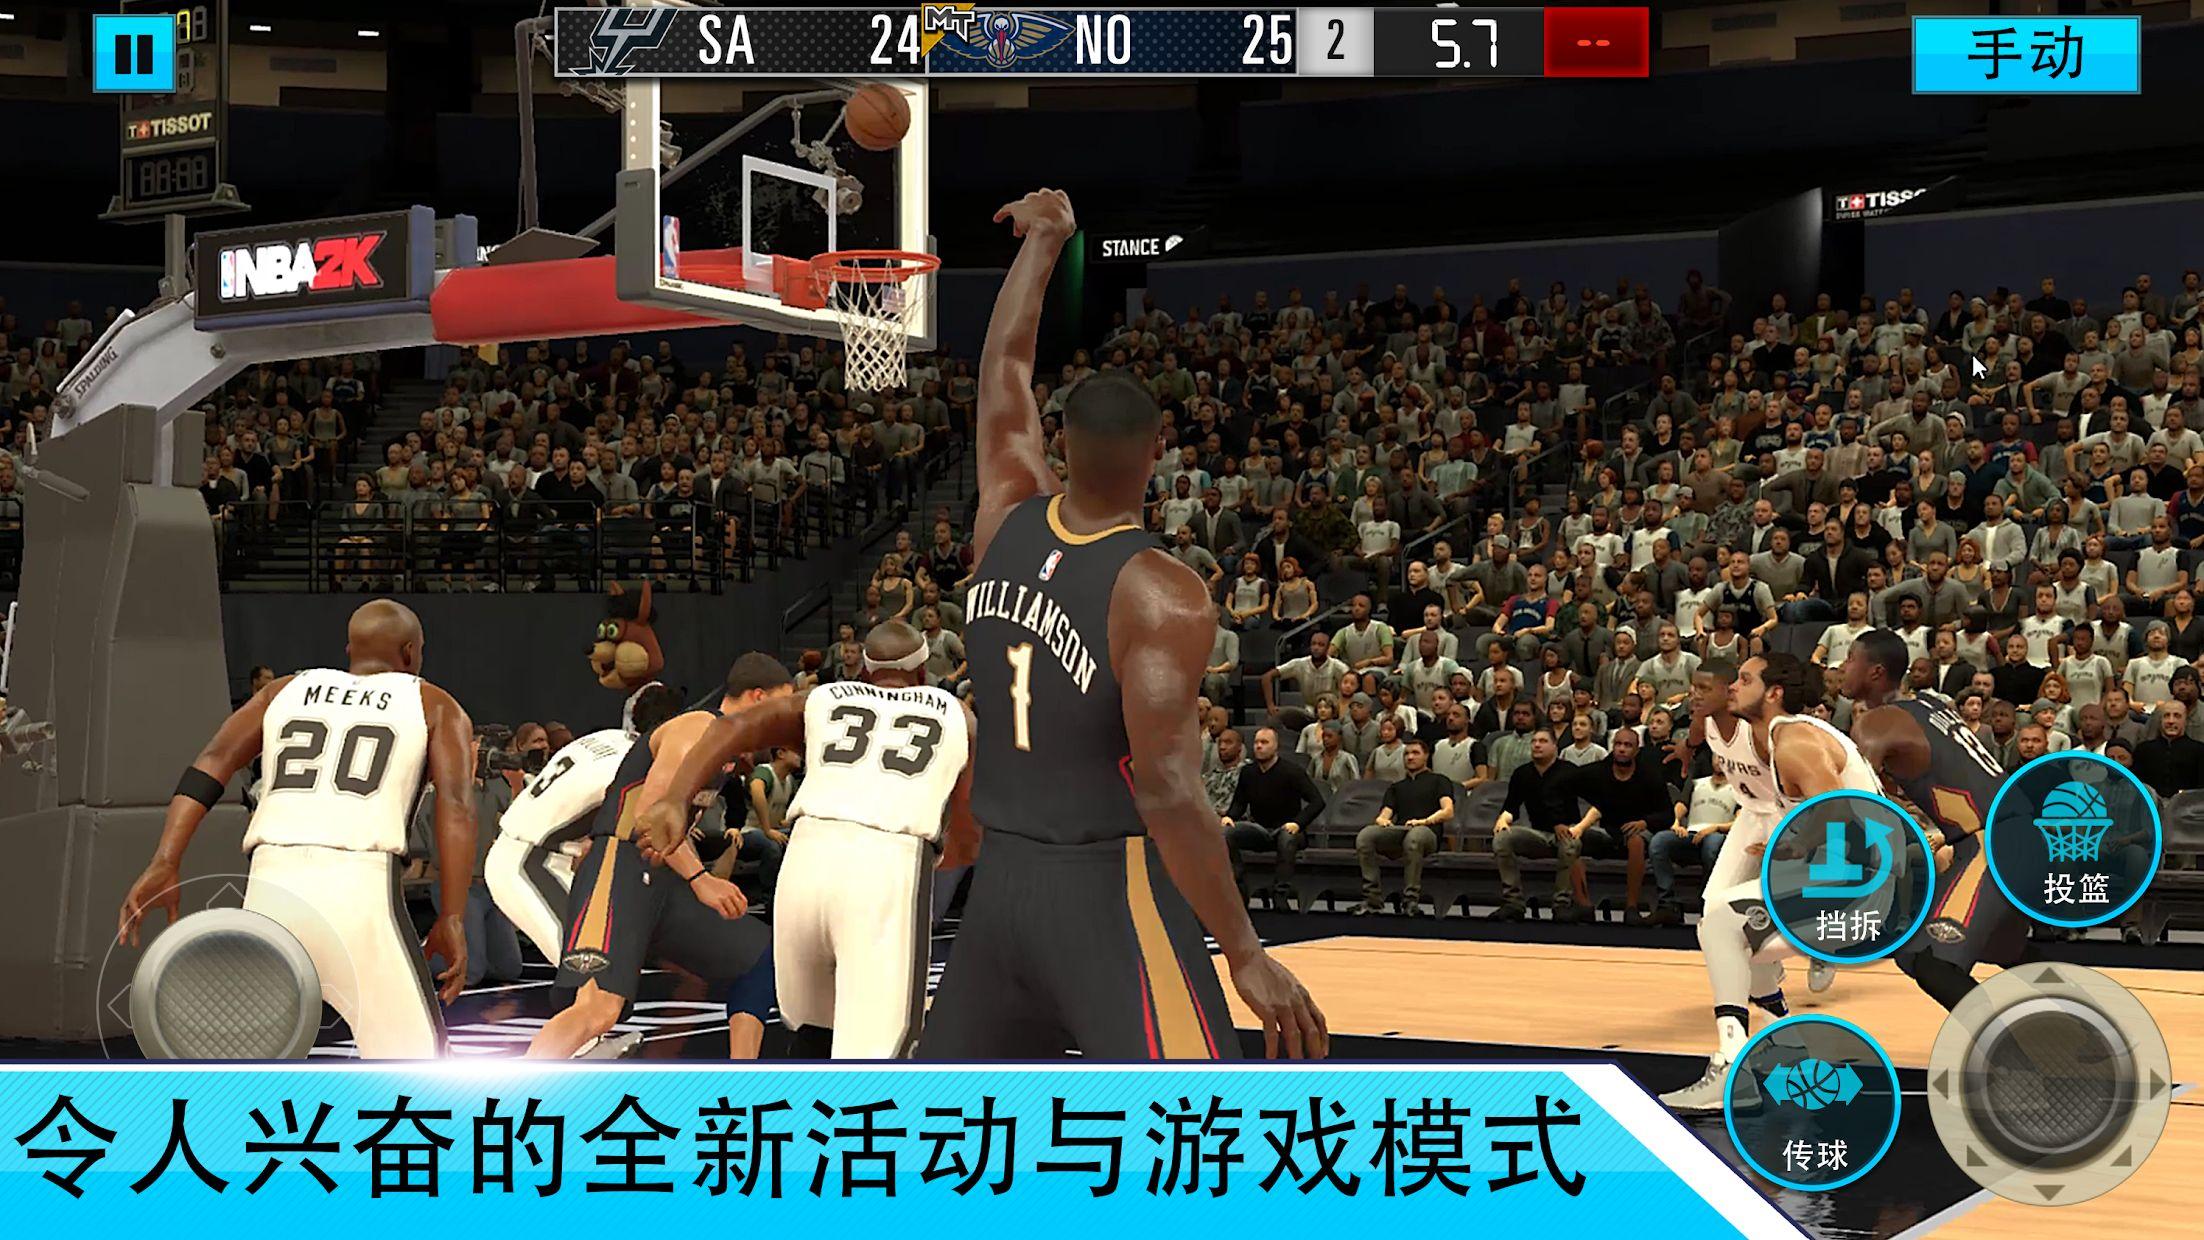 NBA 2K Mobile篮球 游戏截图4